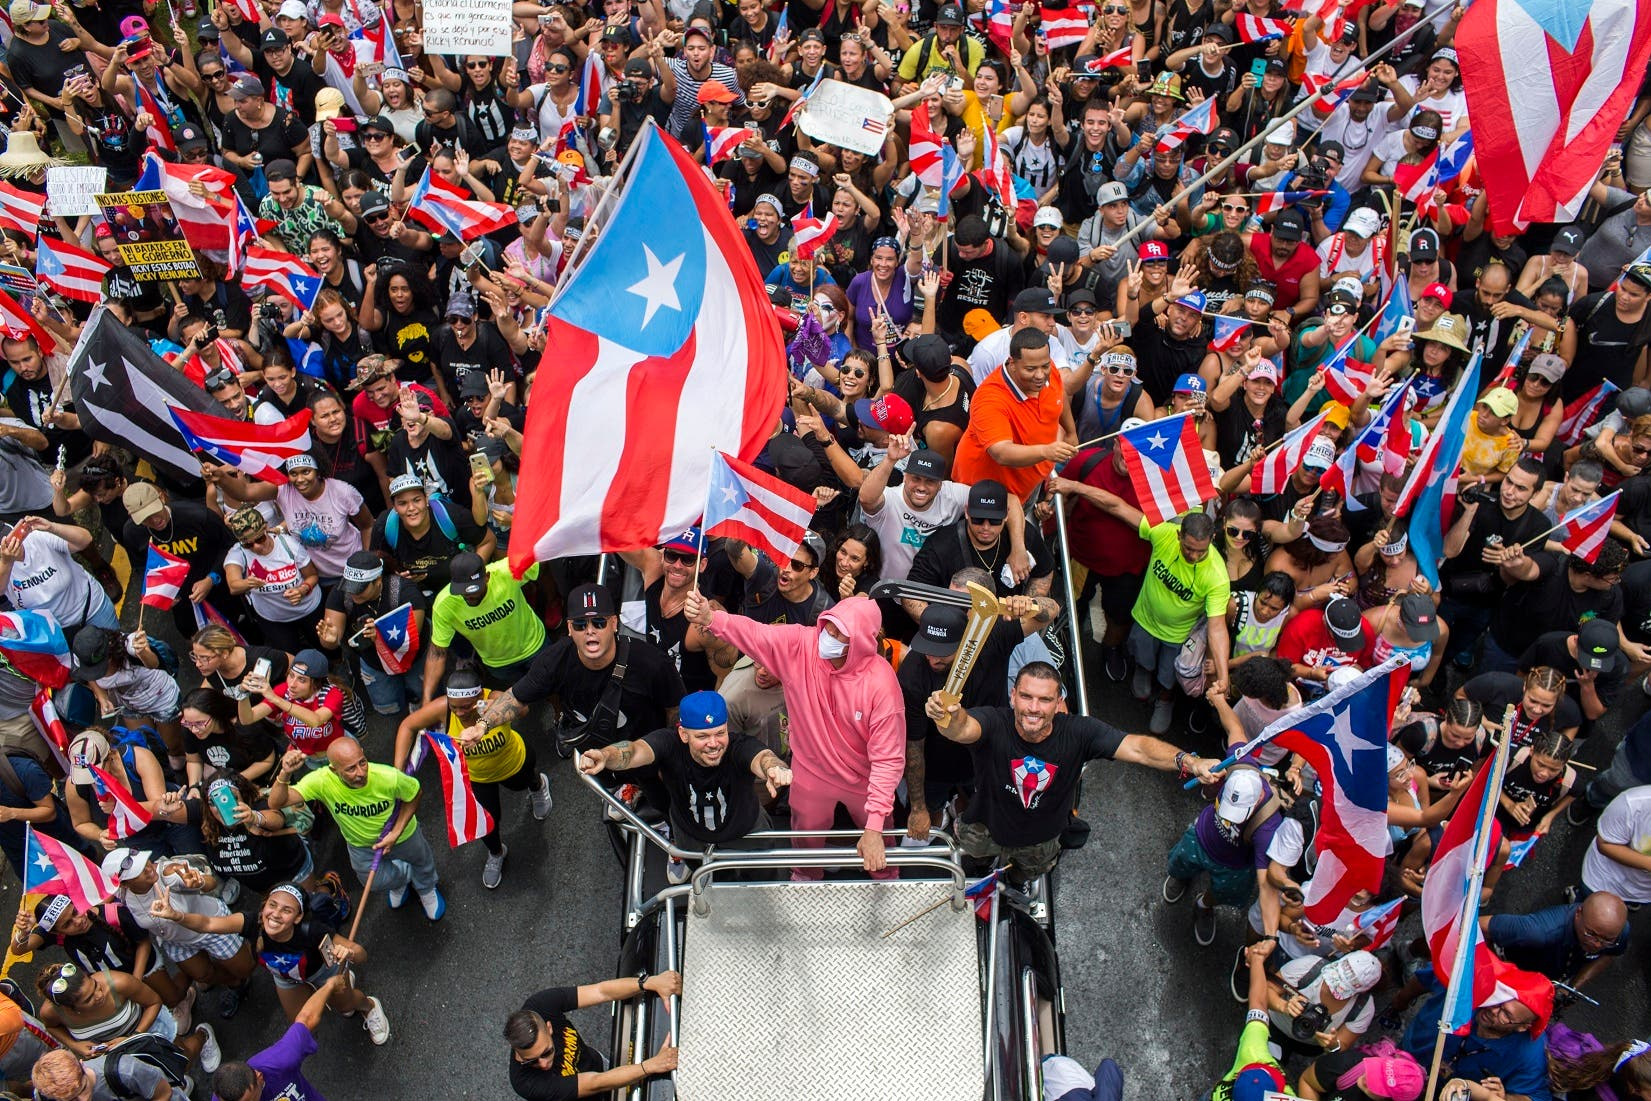 """1. Wisin, Residente, Bad Bunny, Nicky Jam y Julián Gil desde un vehículo, participando de la marcha """"Somos más""""."""